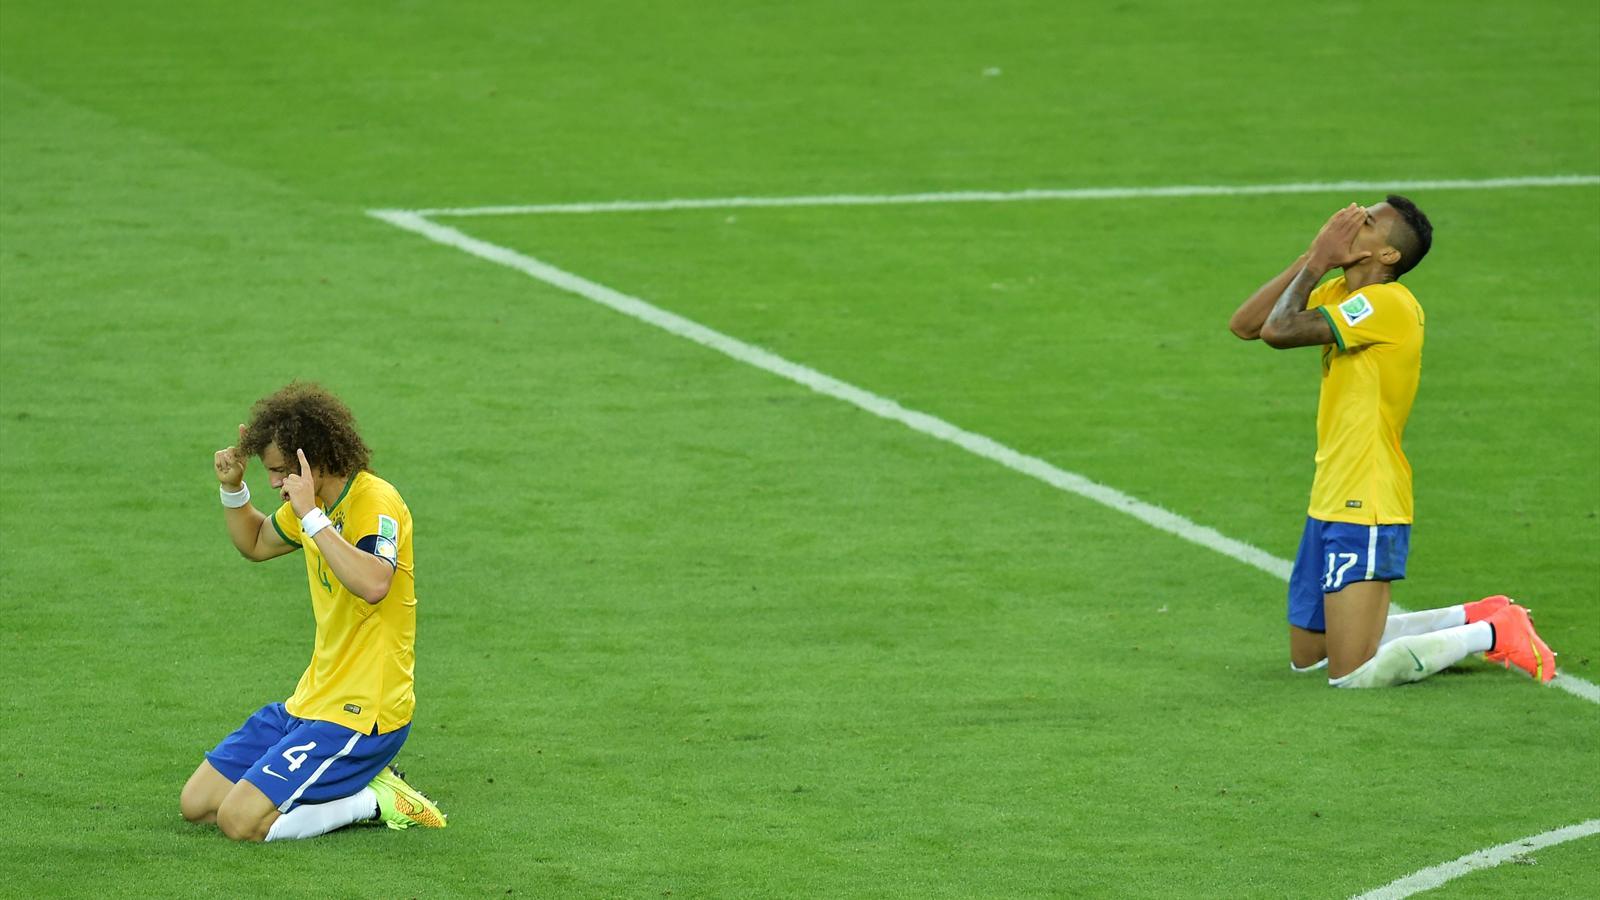 Coupe du monde 2014 les 10 stats qui prouvent que br sil - Bresil coupe du monde 2002 ...